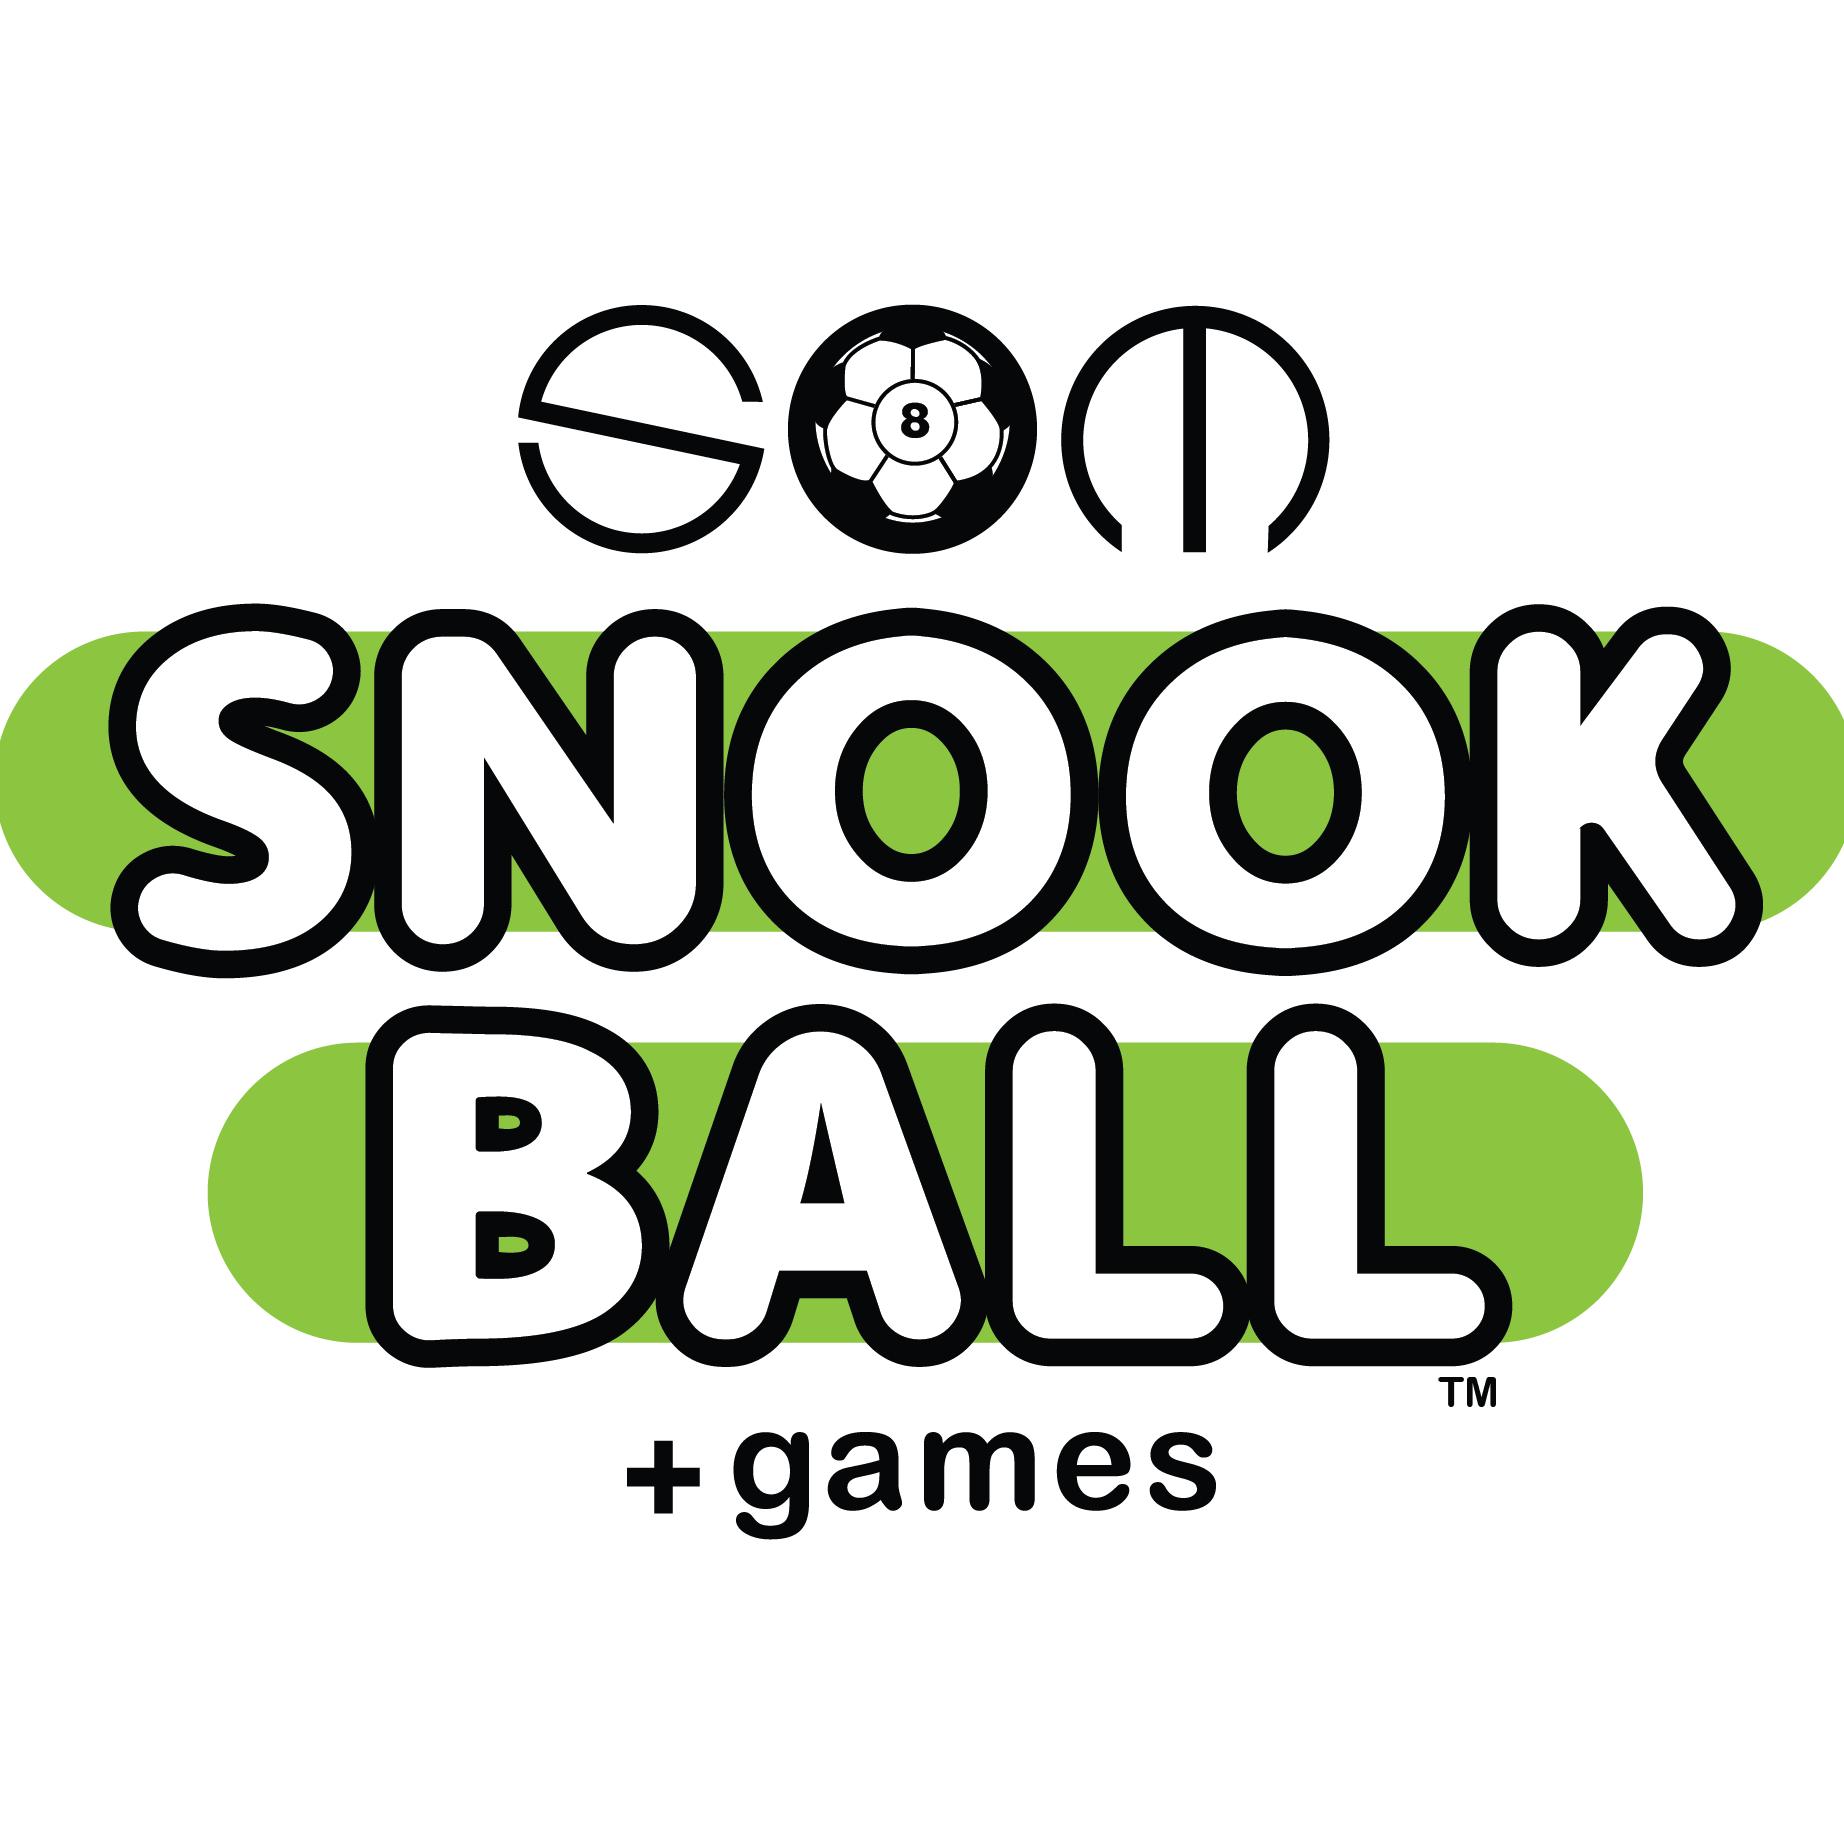 SOM Snookball + games